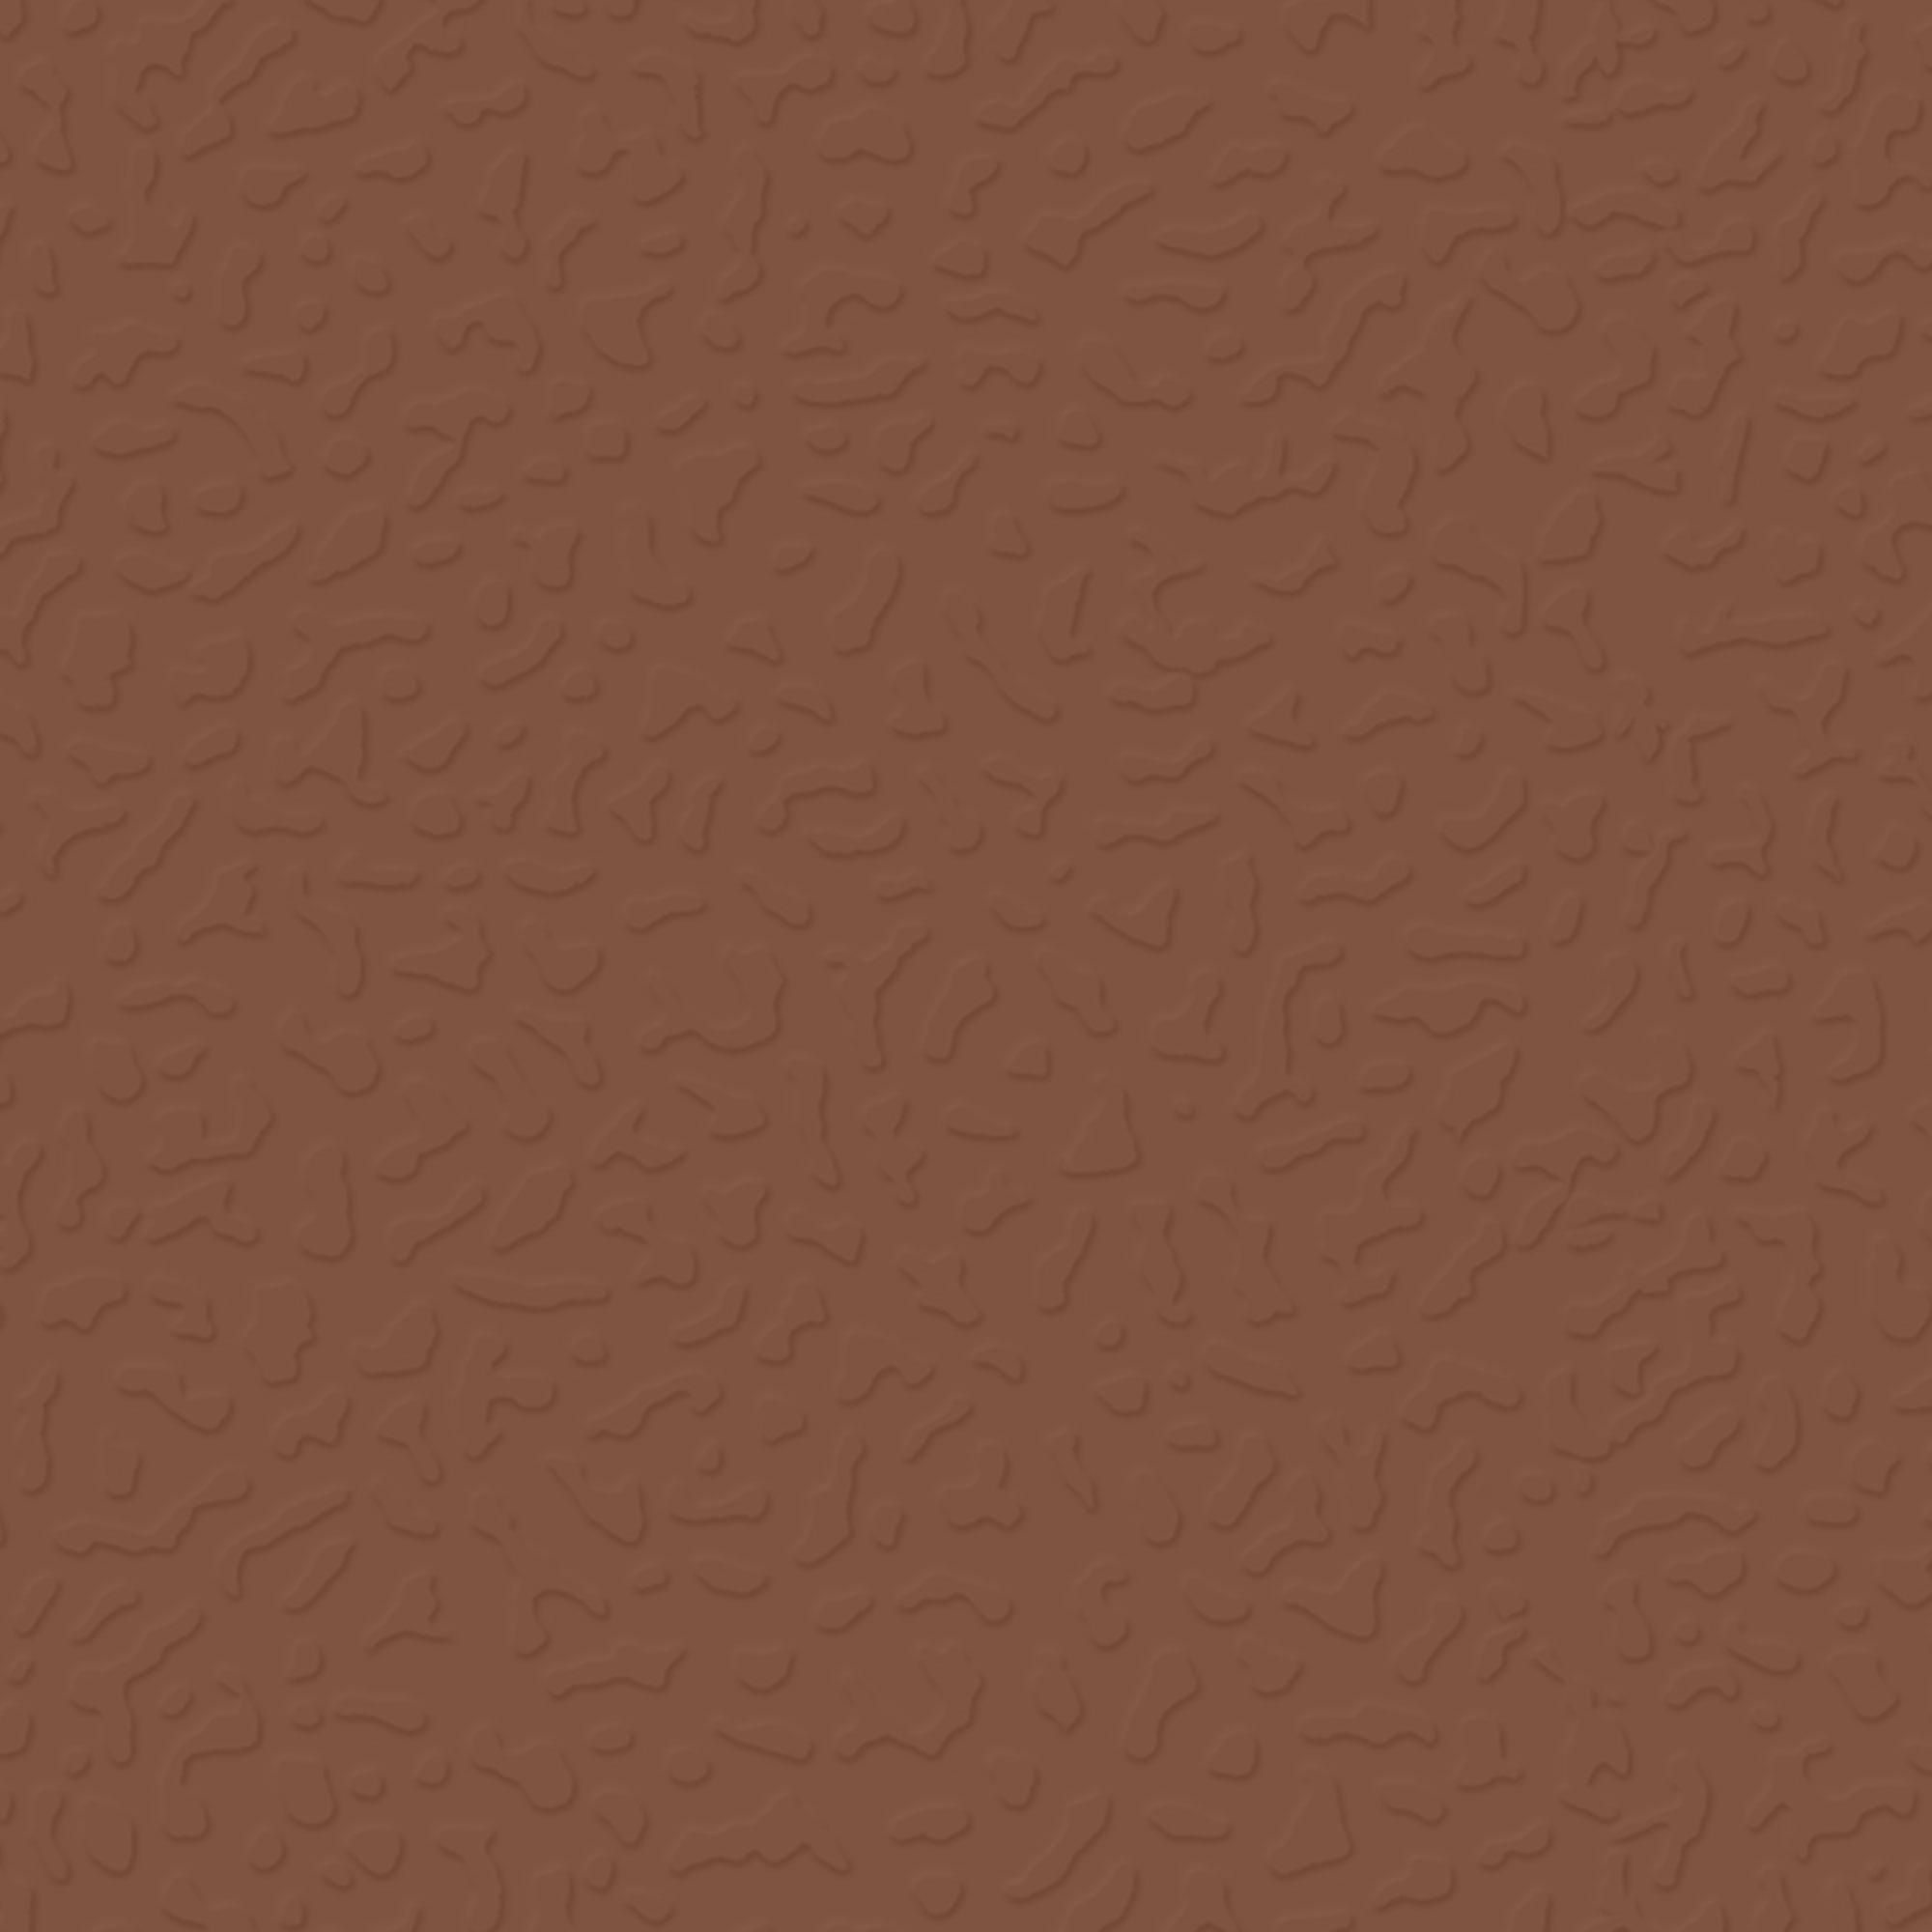 Roppe Rubber Tile 900 - Textured Design (993) Nutmeg Rubber Flooring